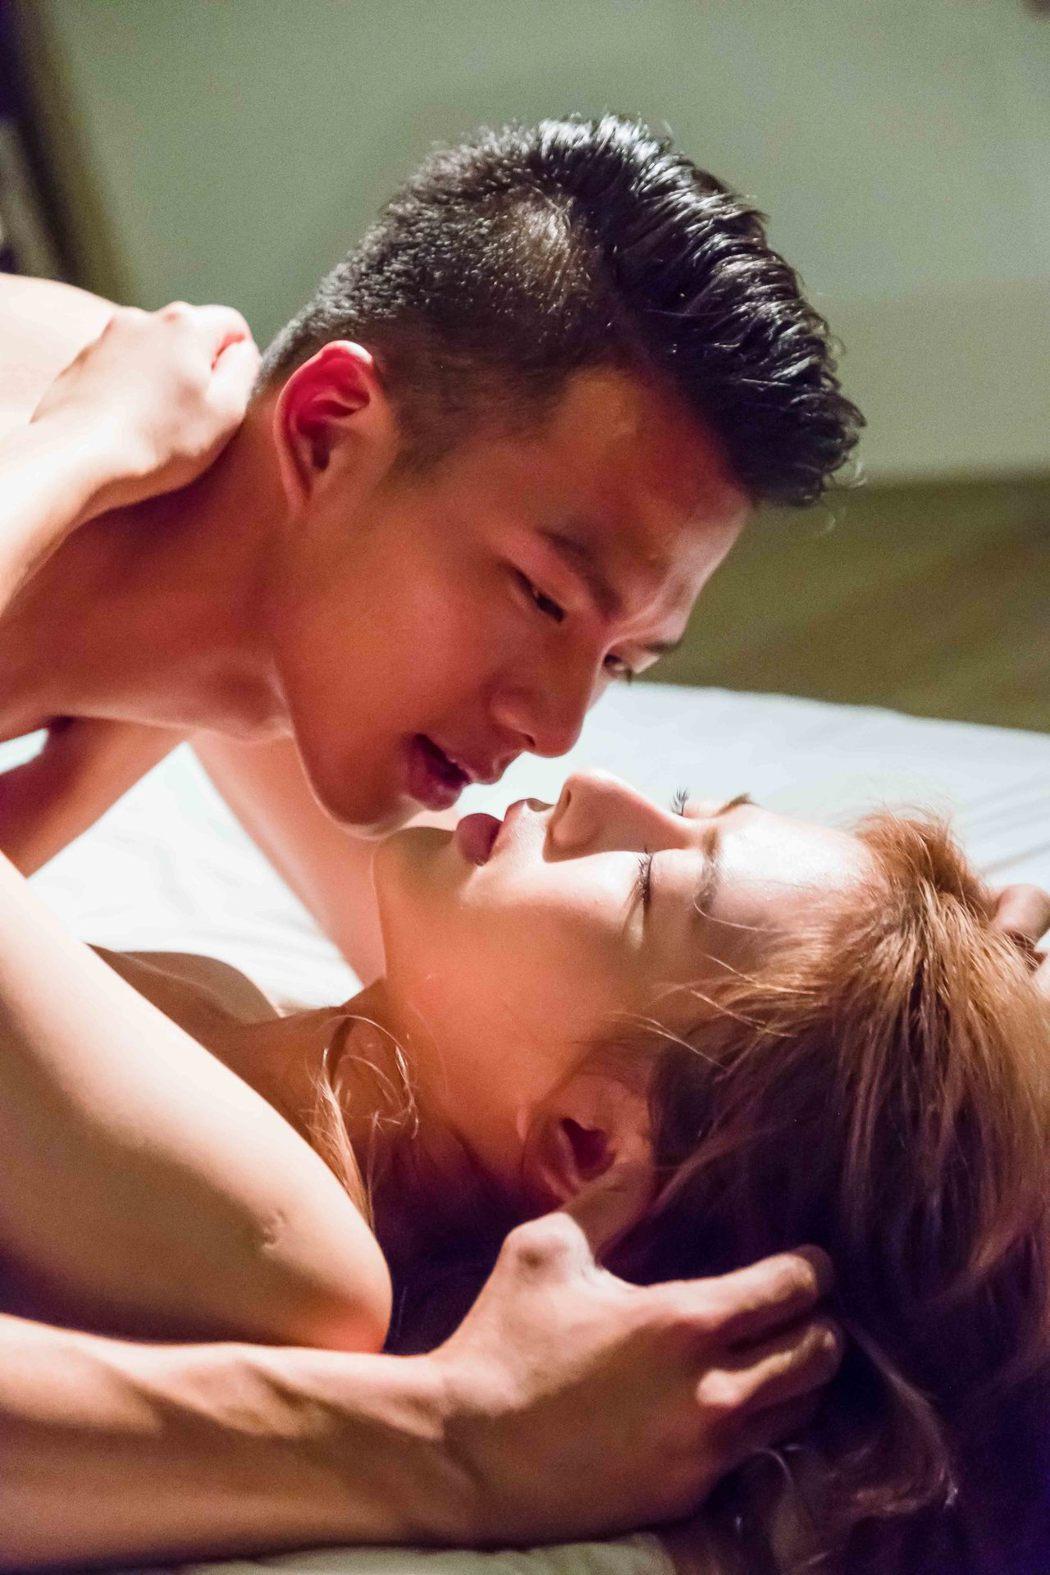 吳念軒(上)、姚亦晴上演脫衣床戲。圖/TVBS提供